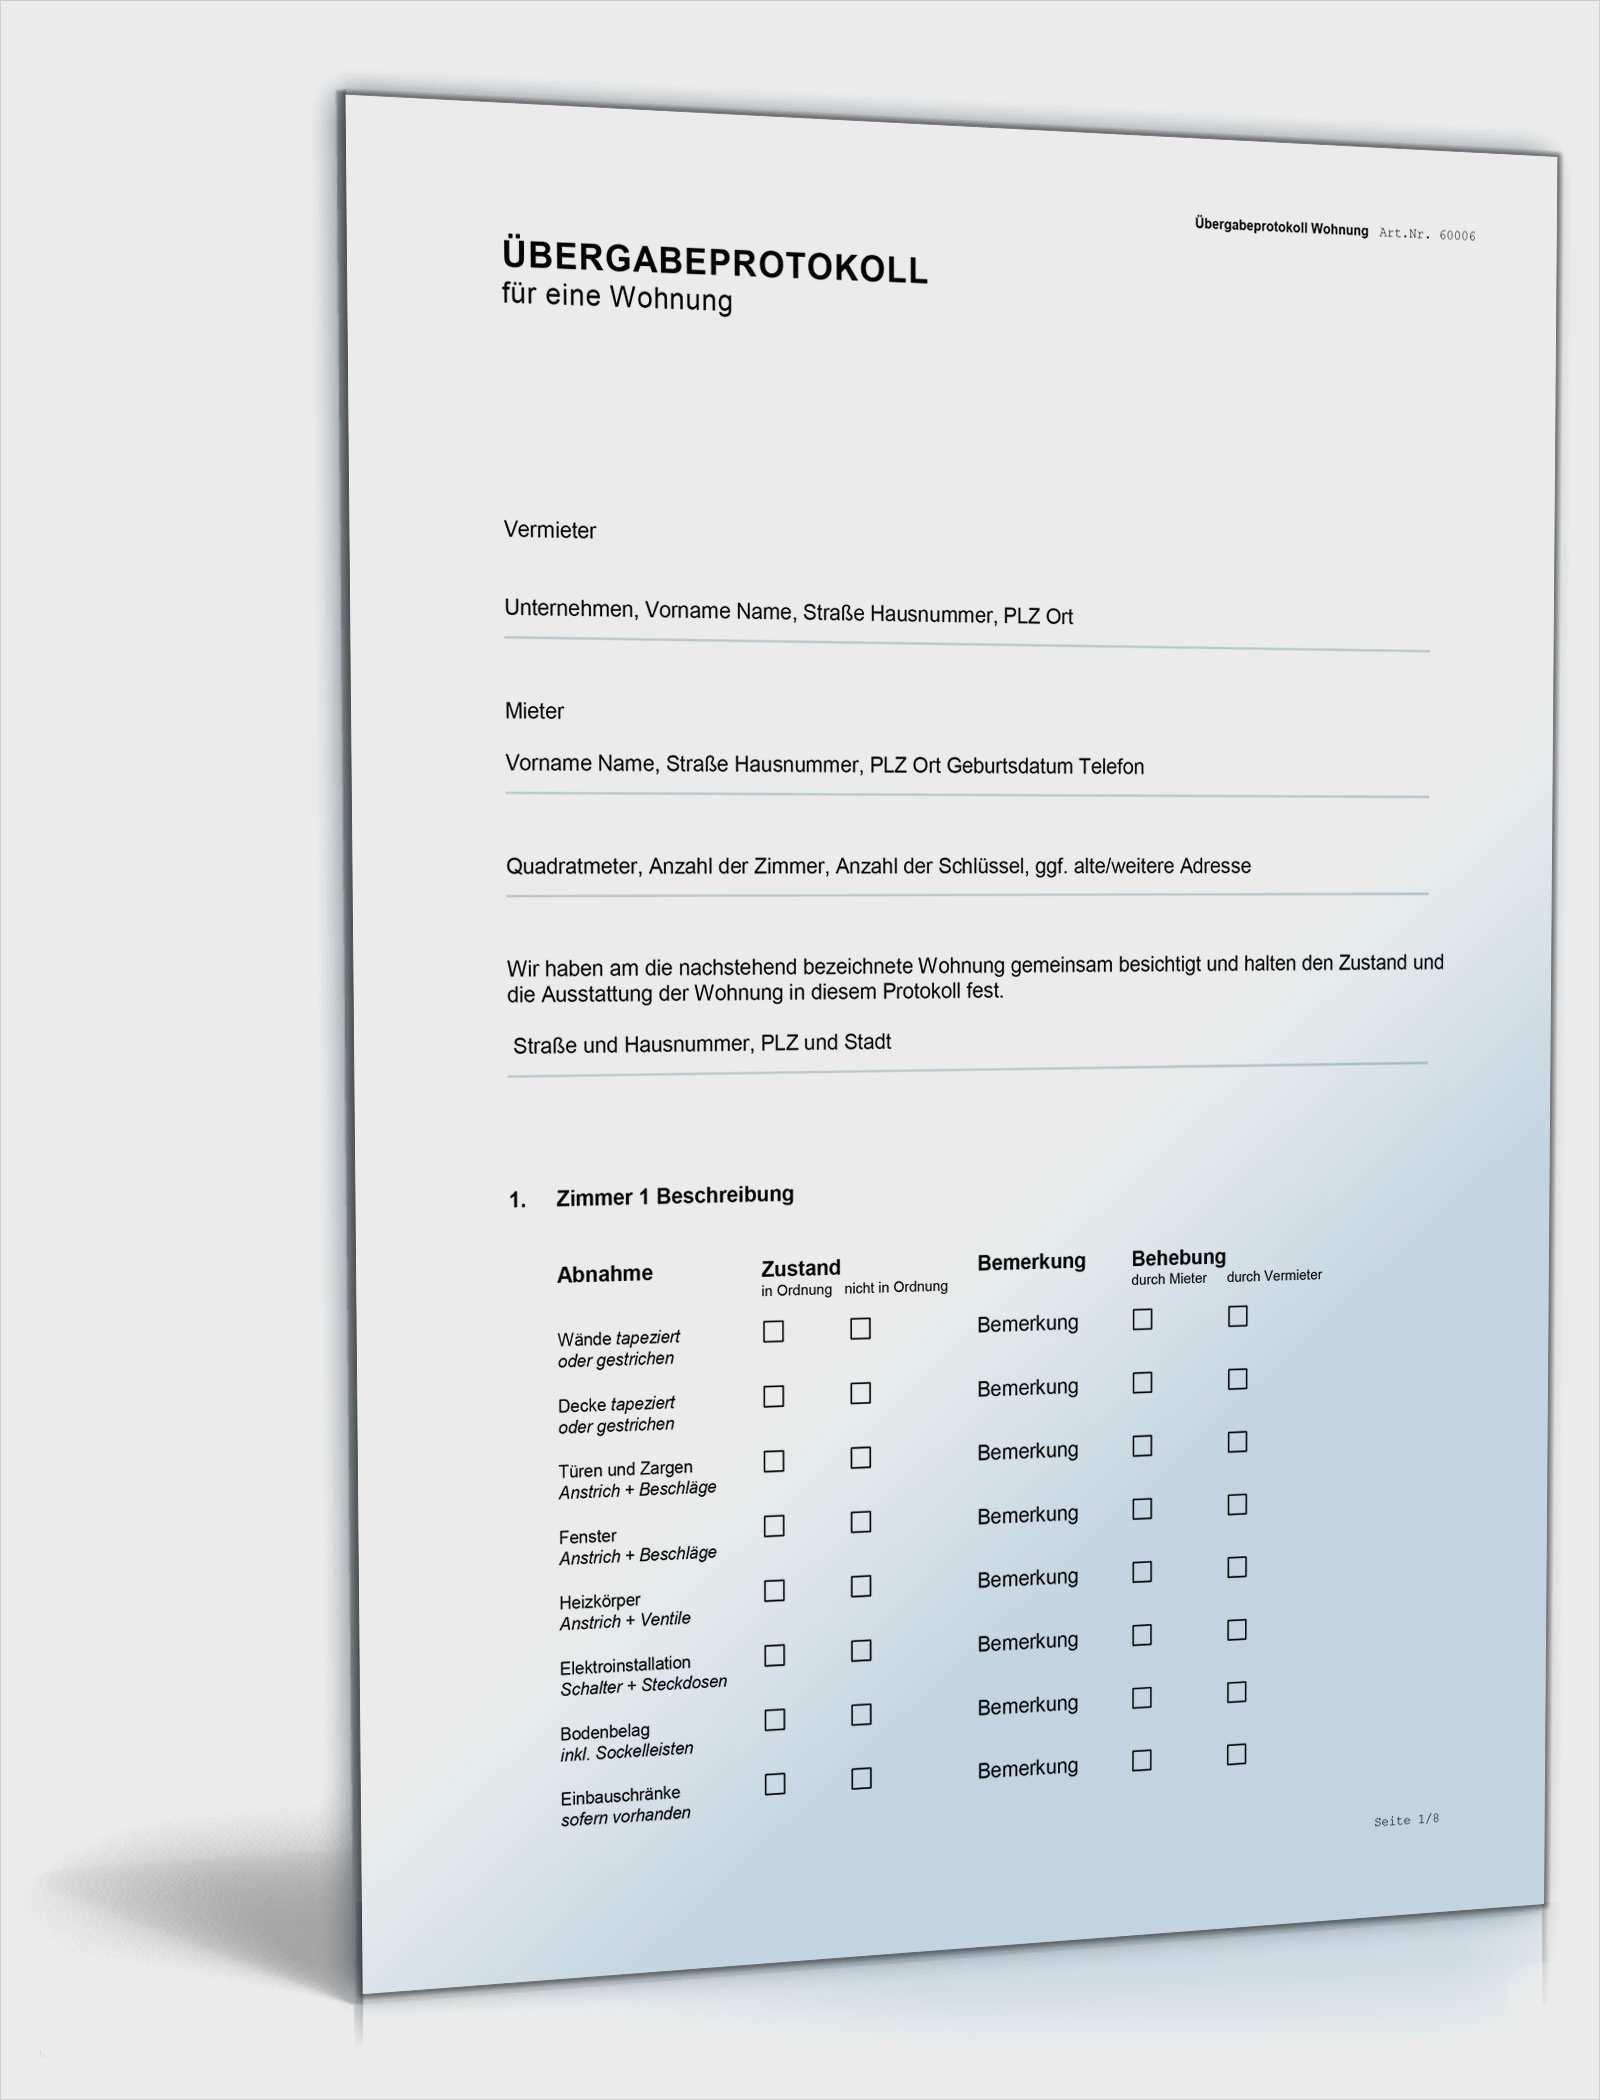 Ubergabeprotokoll Arbeitskleidung Vorlage 25 Einzigartig Ebendiese Konnen Anpassen In Ms Word In 2020 Vorlagen Lebenslauf Layout Deckblatt Vorlage